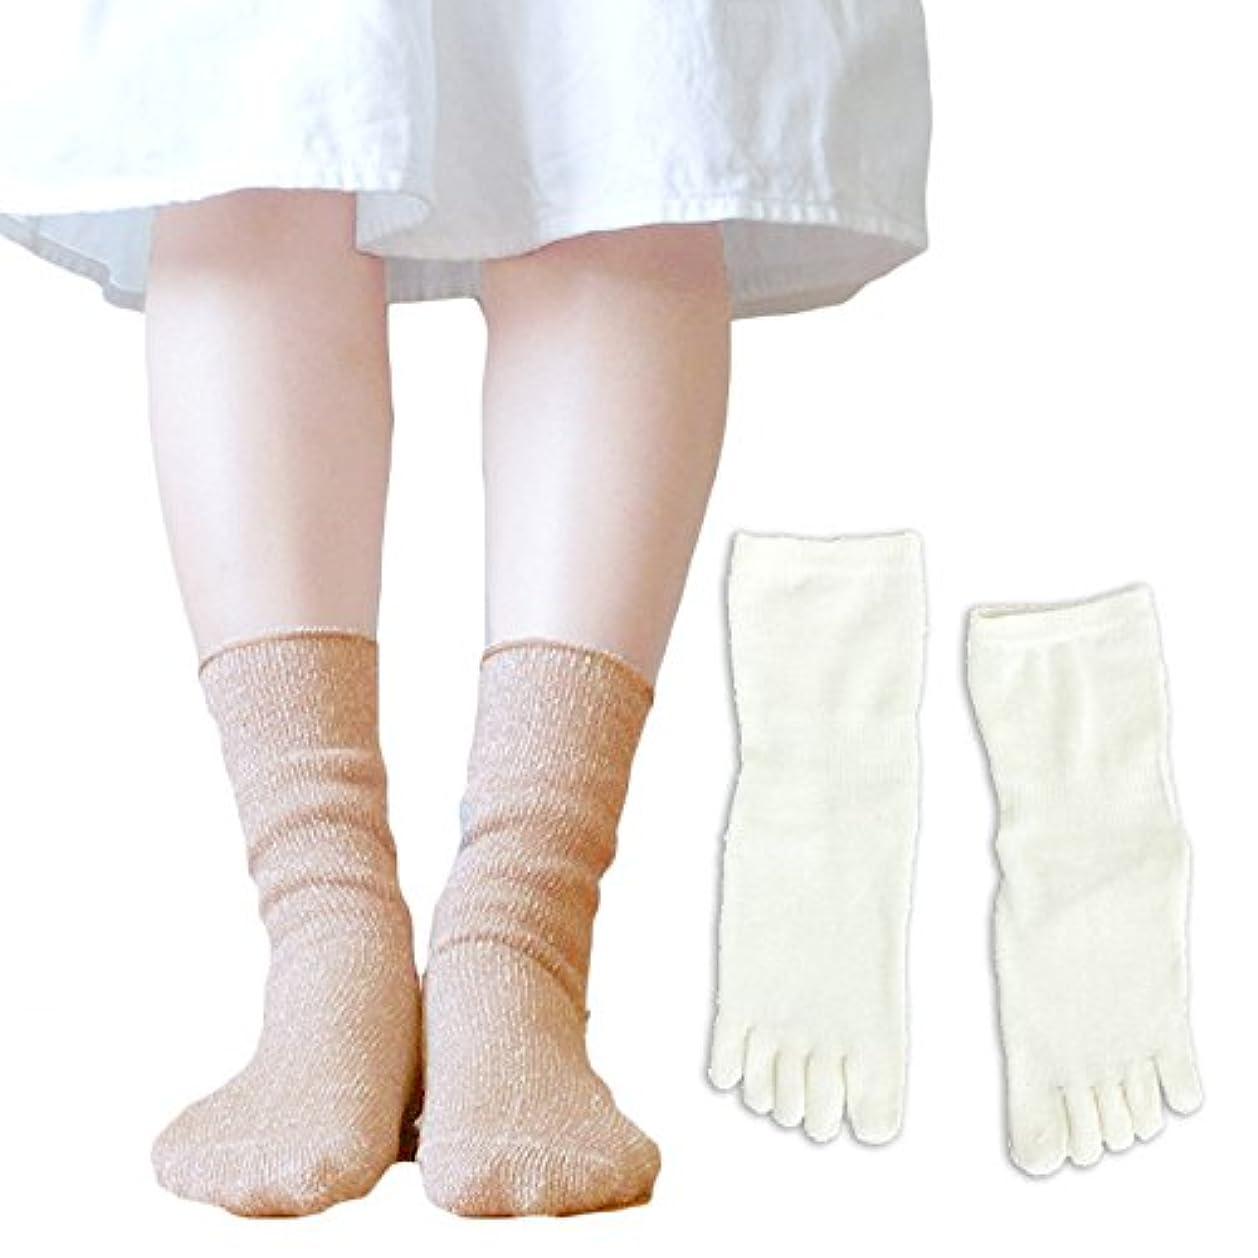 暖かく代わってブロンズシルク コットン 先丸 ソックス & 5本指 ソックス 2足セット 日本製 23-25cm 重ね履き 靴下 冷えとり (23-25cm, ベージュ)